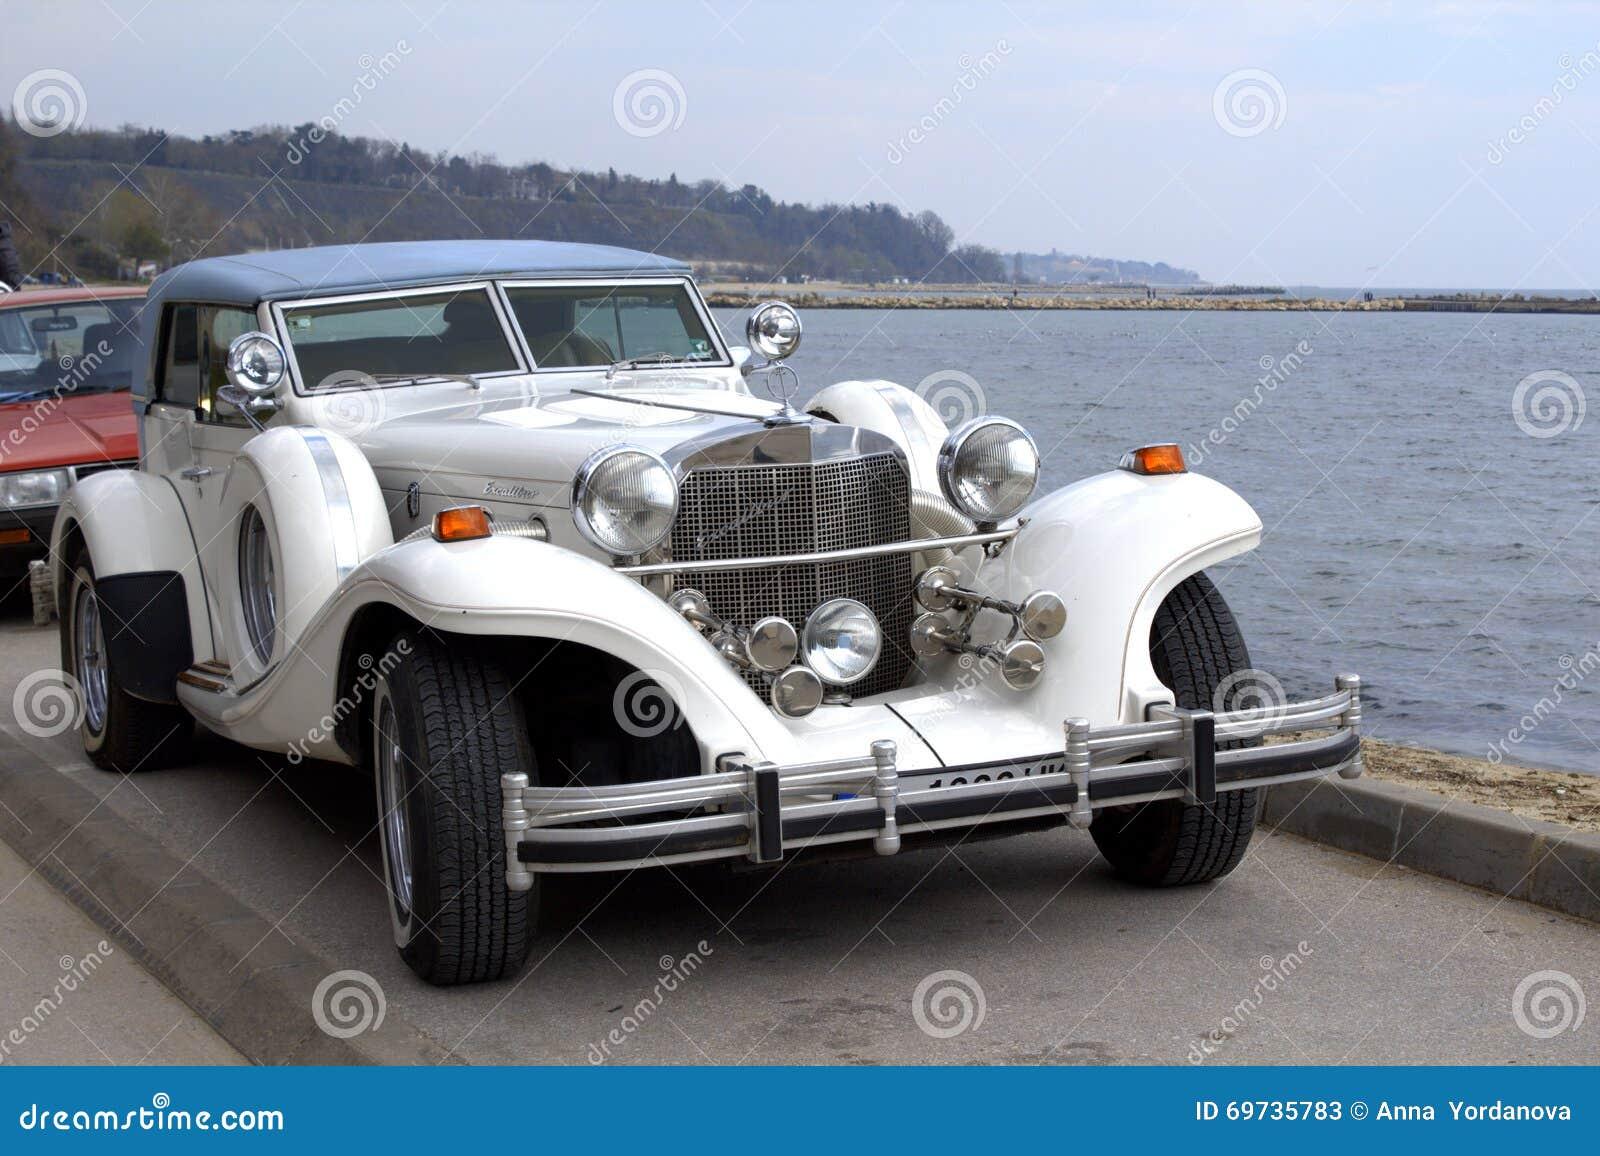 Excalibur Auto Body >> Excalibur classic car editorial stock photo. Image of look ...